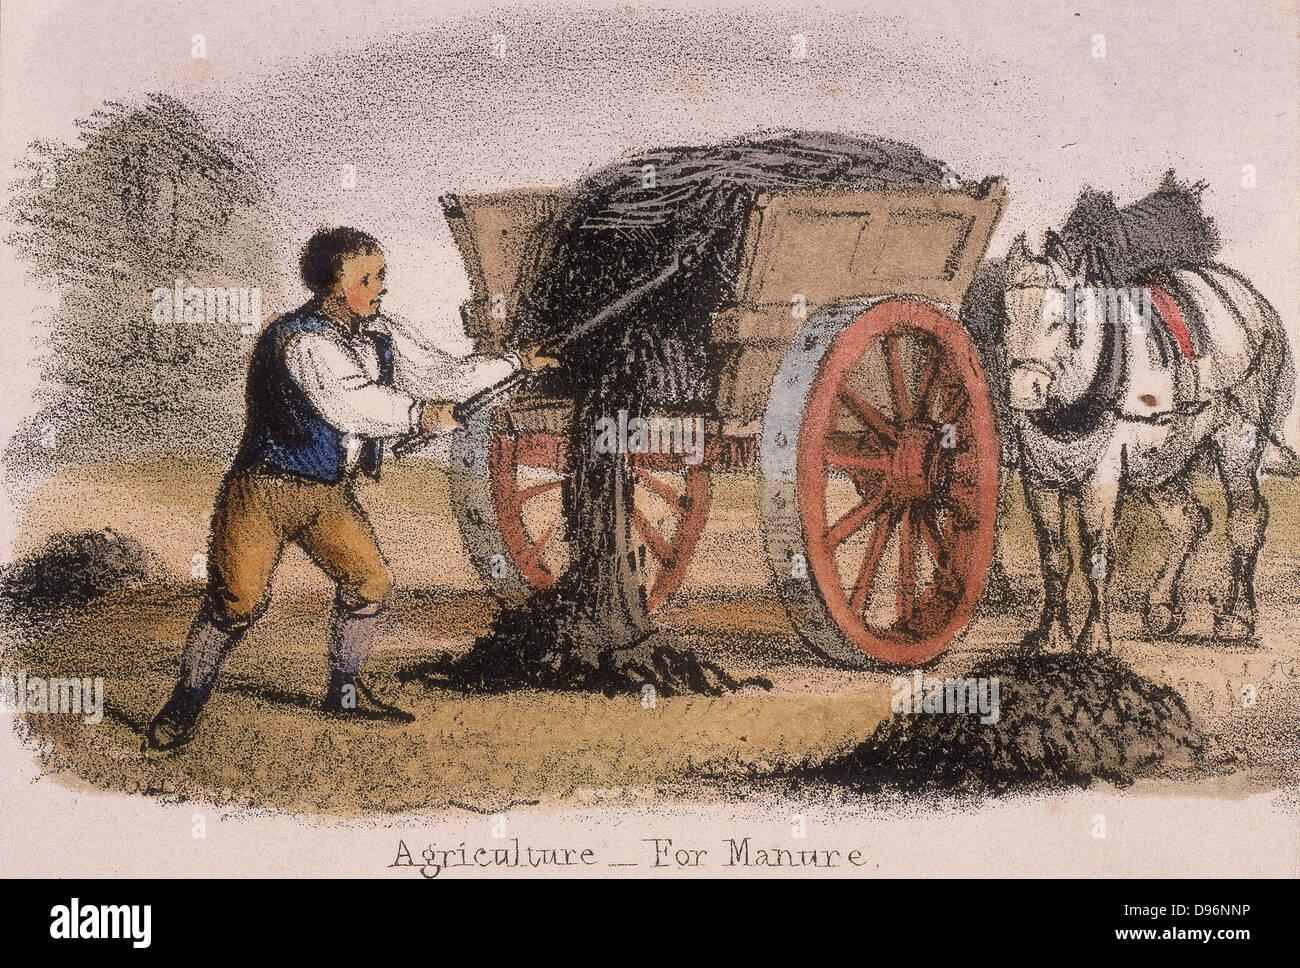 Le panier du fumier. À partir de 'l'illustration d'animaux et de leur utilité pour l'homme', Photo Stock